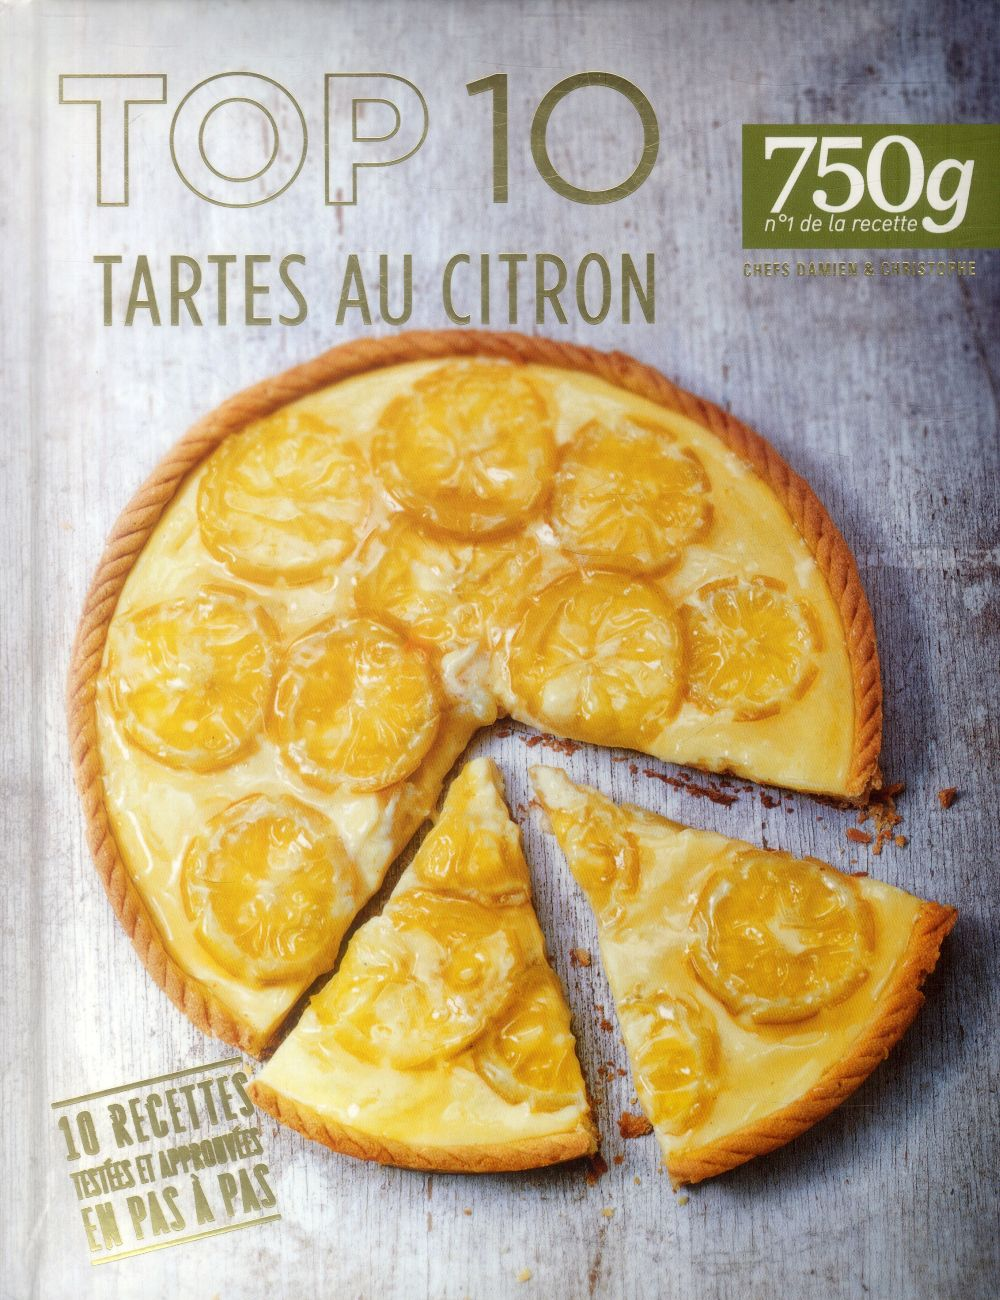 Top 10 of tarte au citron